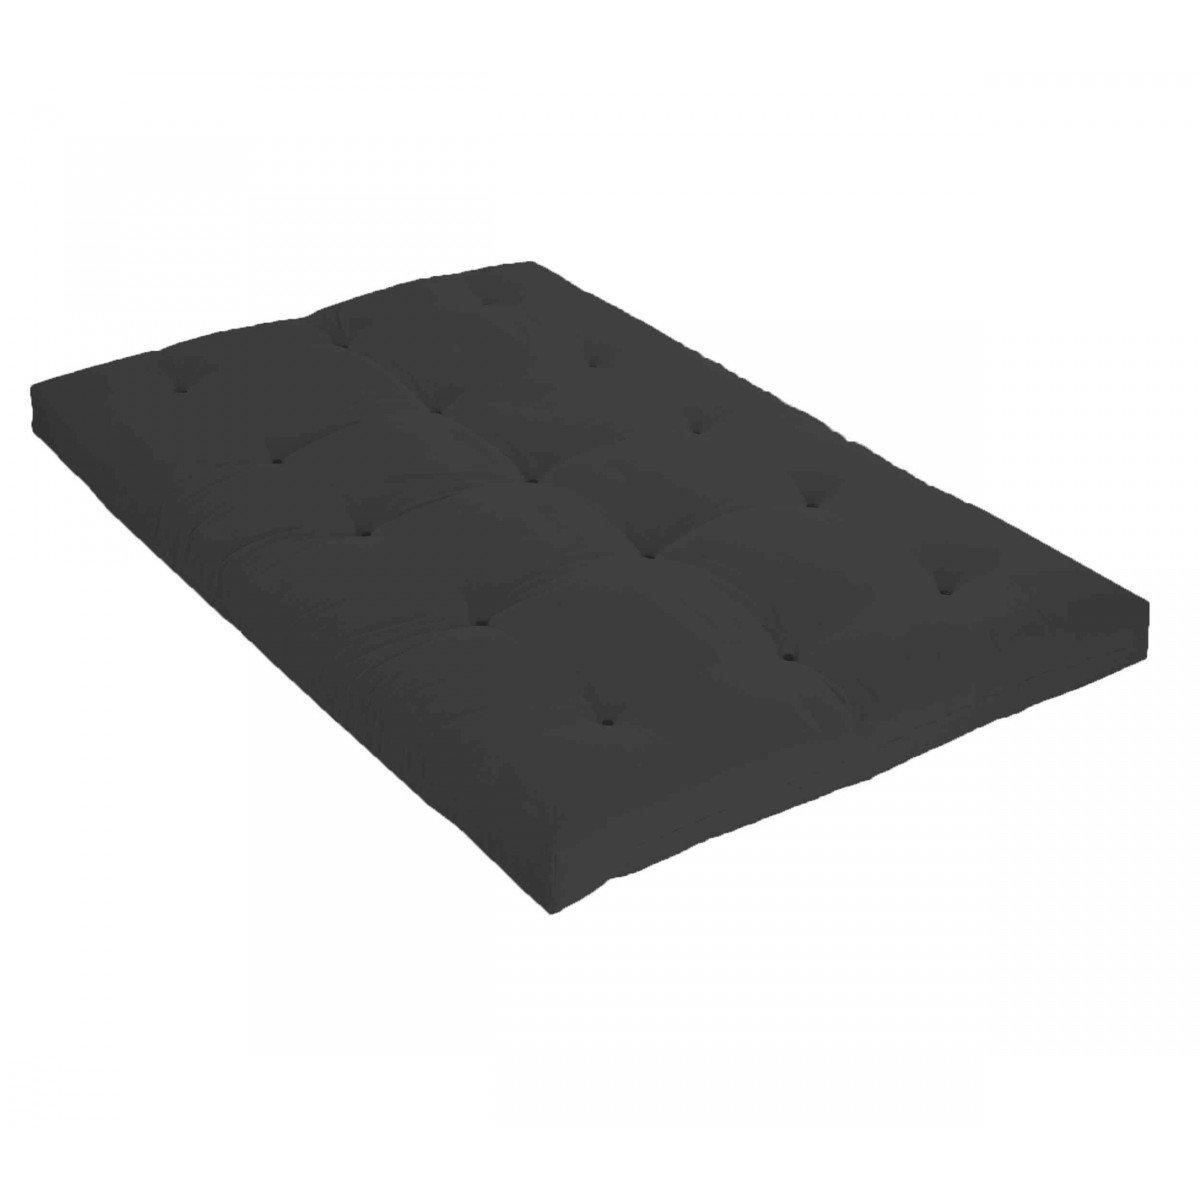 Matelas futon gris anthracite en coton 90x190 - Terre de Nuit